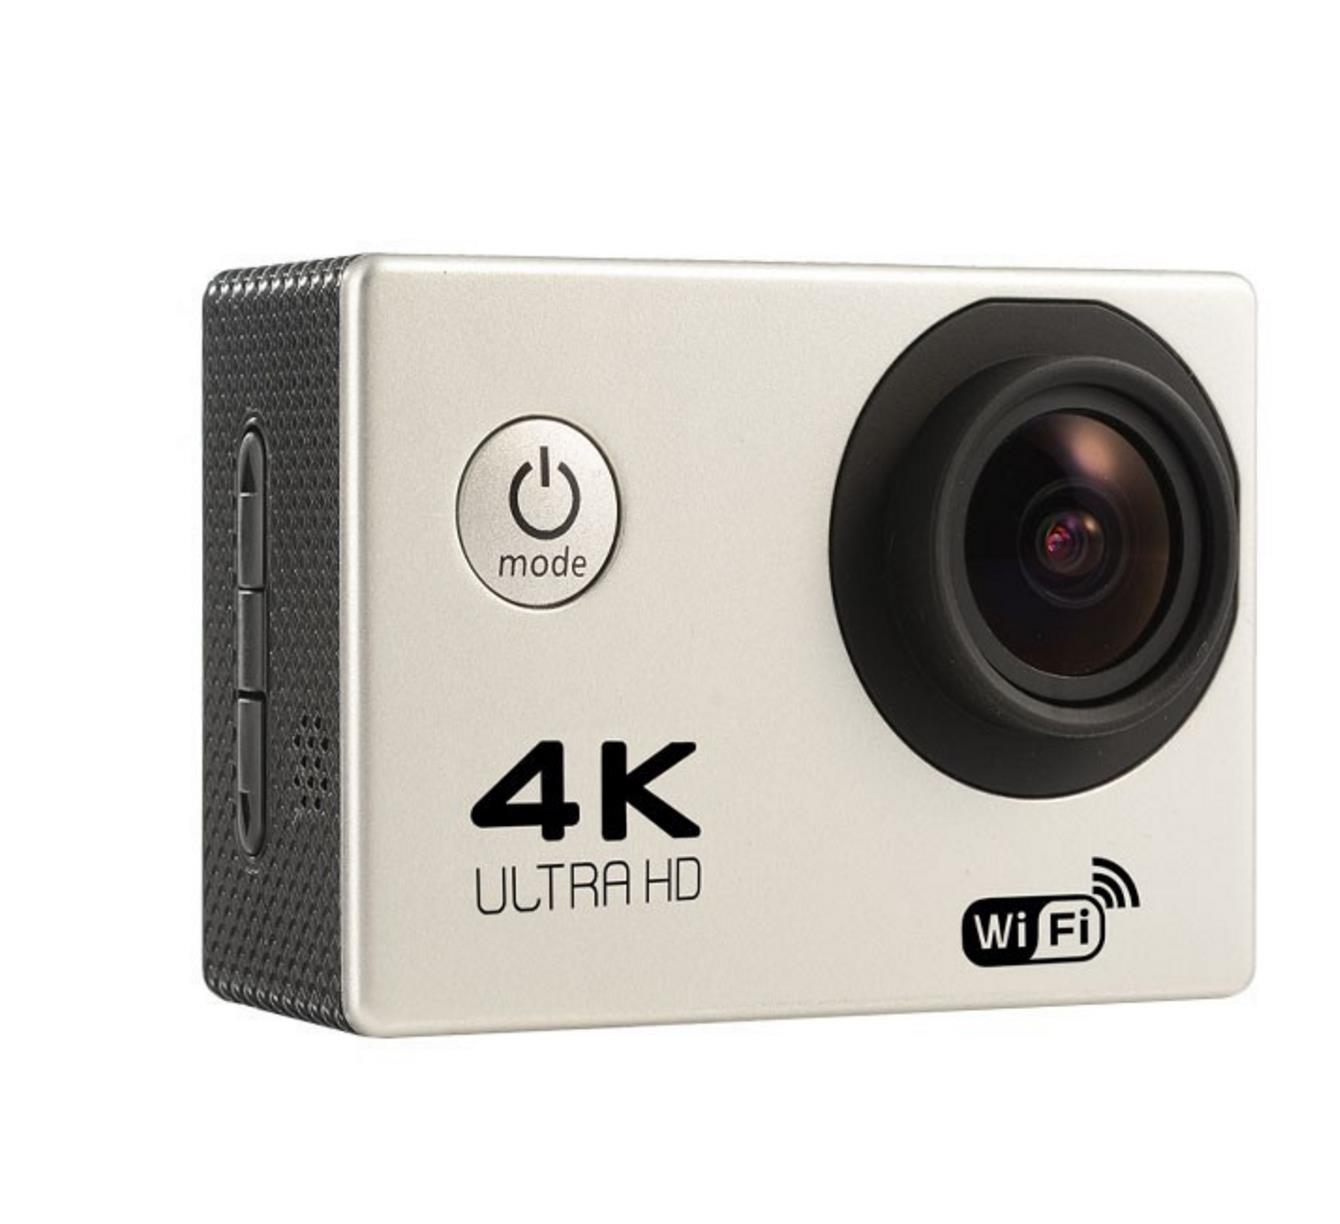 4K واي فاي كاميرا 170 درجة واسعة كاميرا الملاك الرياضة DV الغوص للماء في الهواء الطلق ركوب صور اطلاق النار تسجيل الفيديو